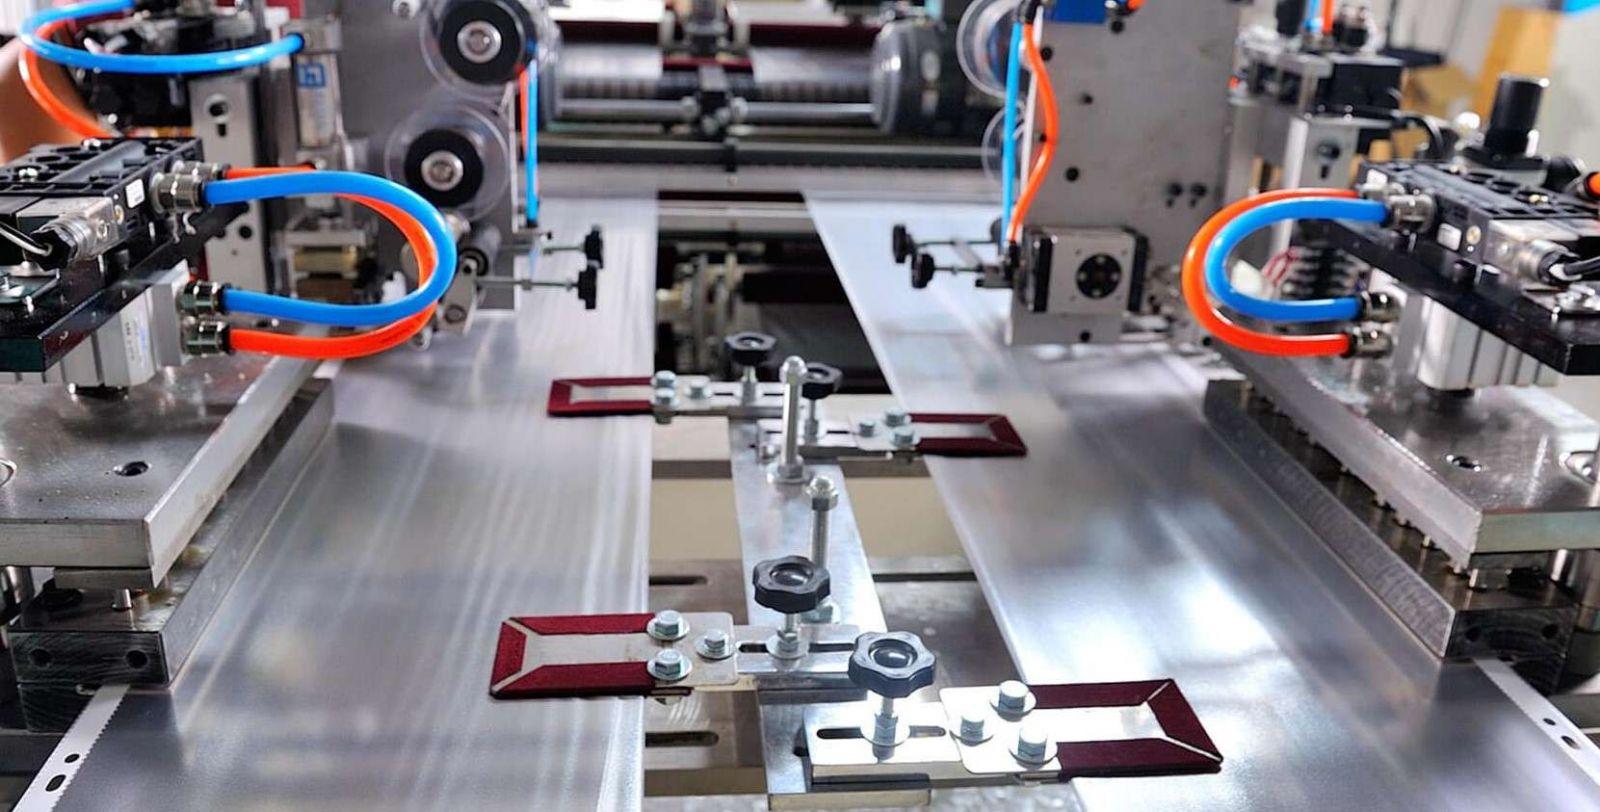 Công ty Khang Lợi nhận đục lỗ gia công túi ni lông